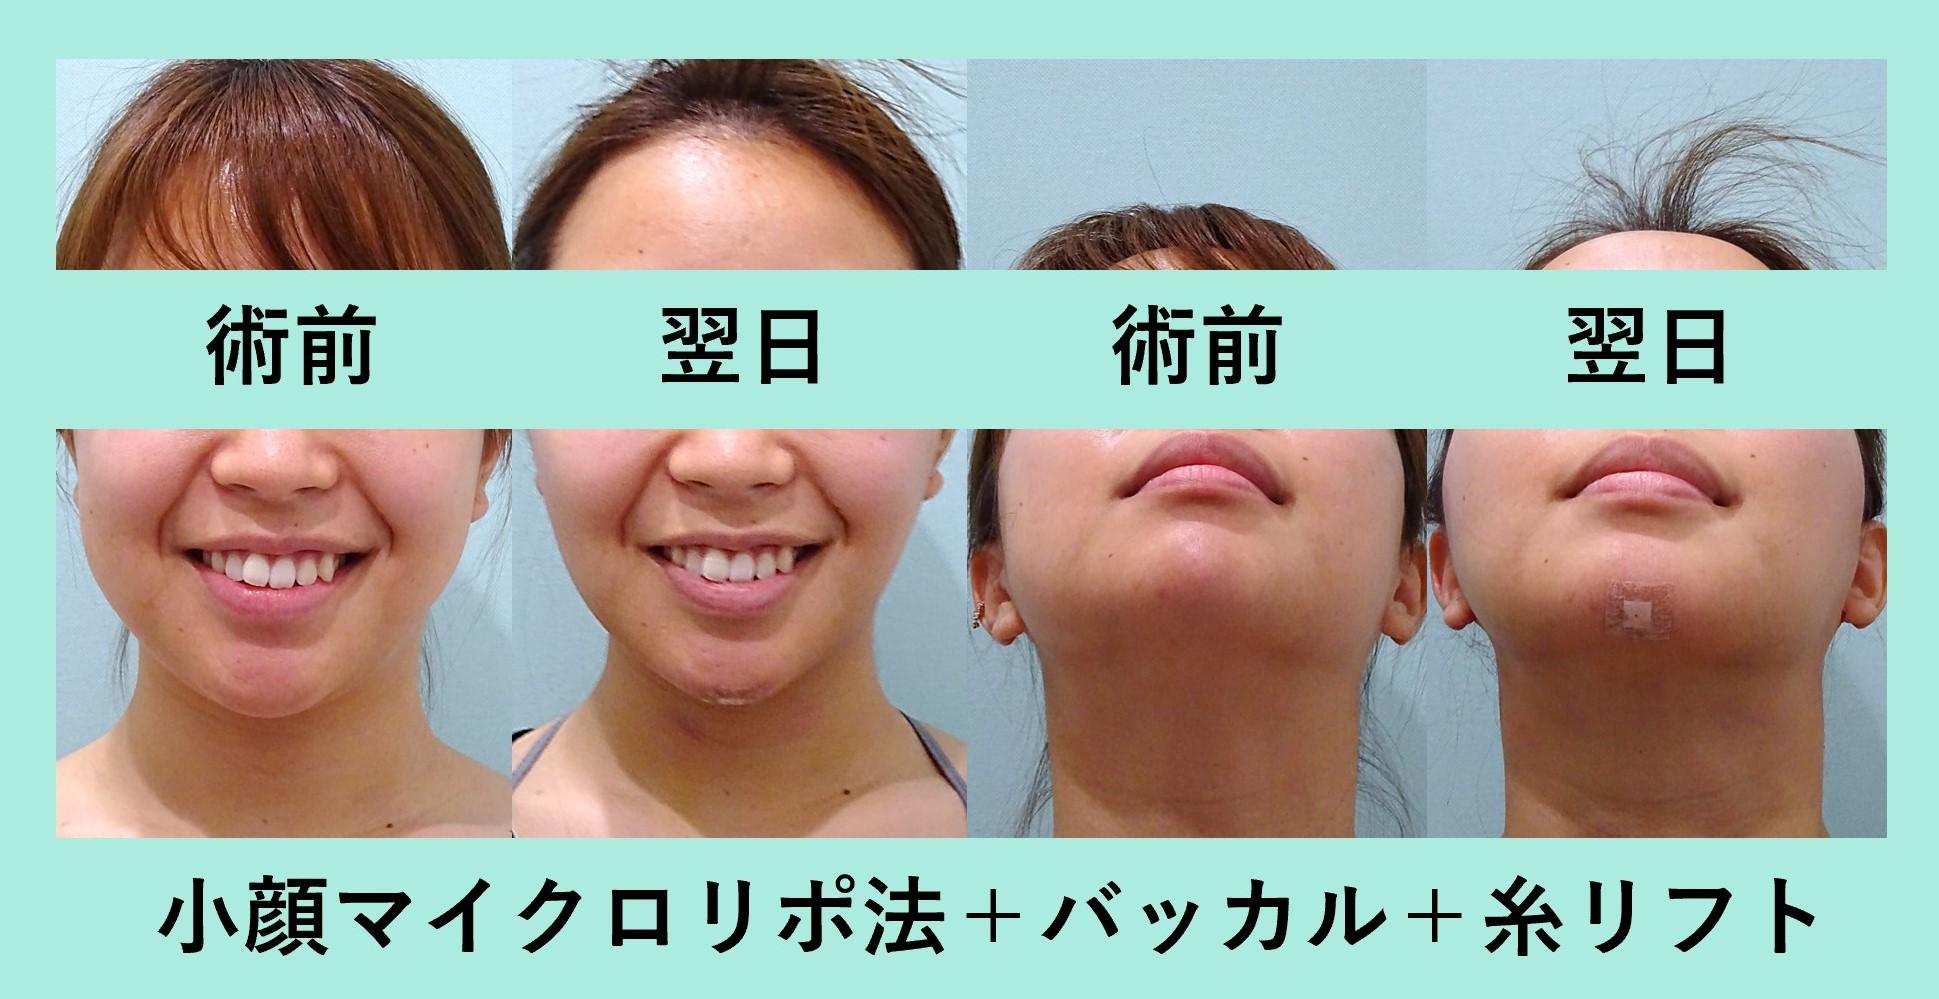 小顔 脂肪吸引 バッカルファット 糸リフト